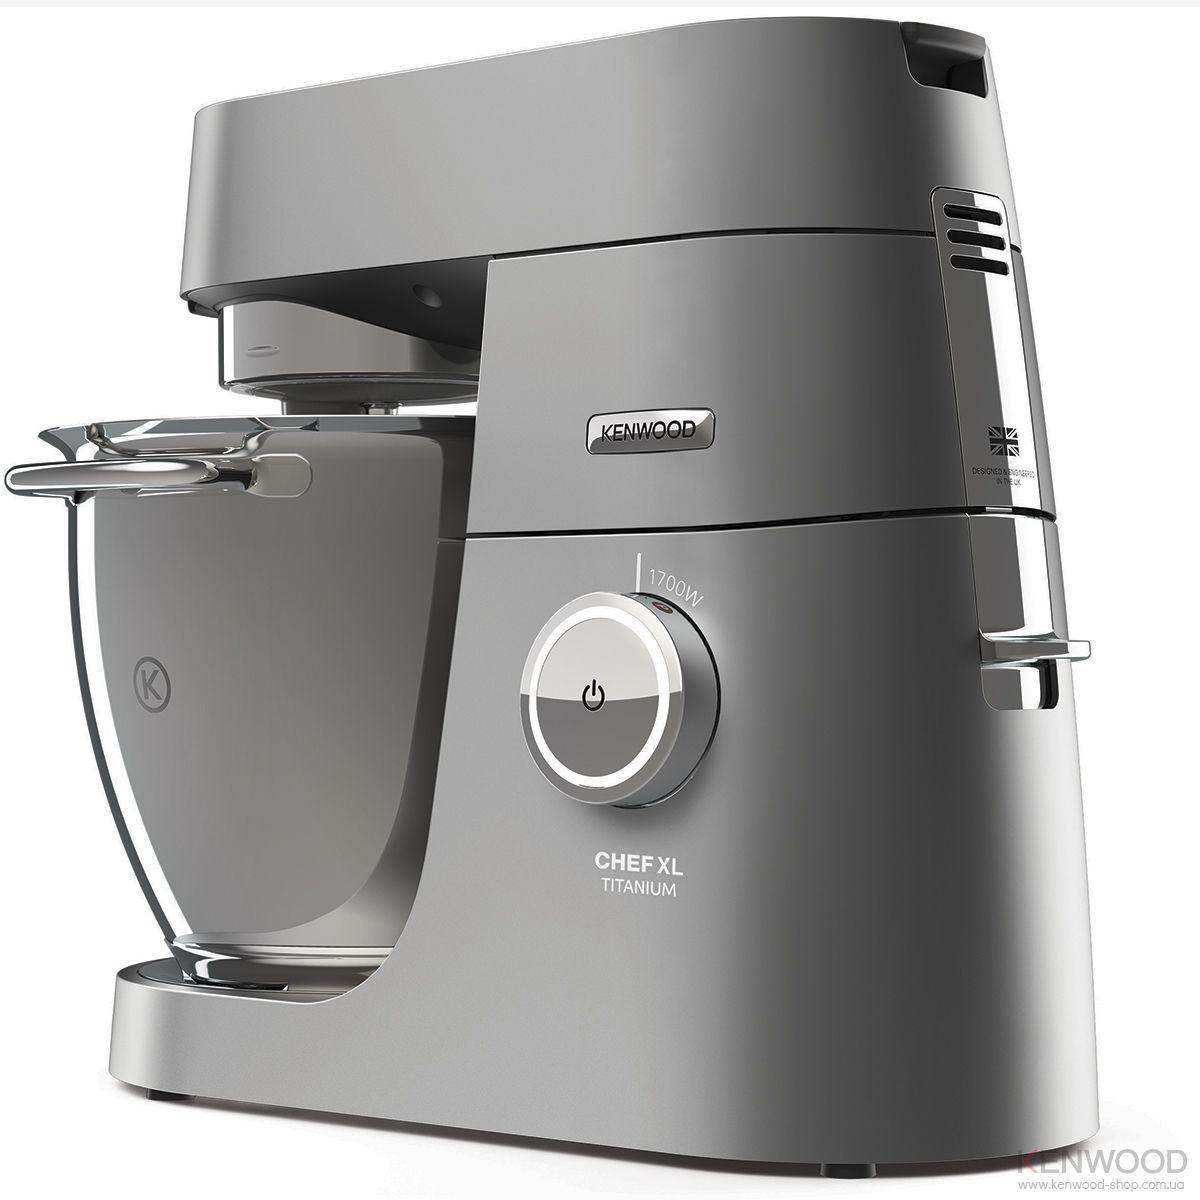 Кухонная машина Kenwood KVL 8320 S Chef XL Titanium - купить в магазине Kenwood Украина.